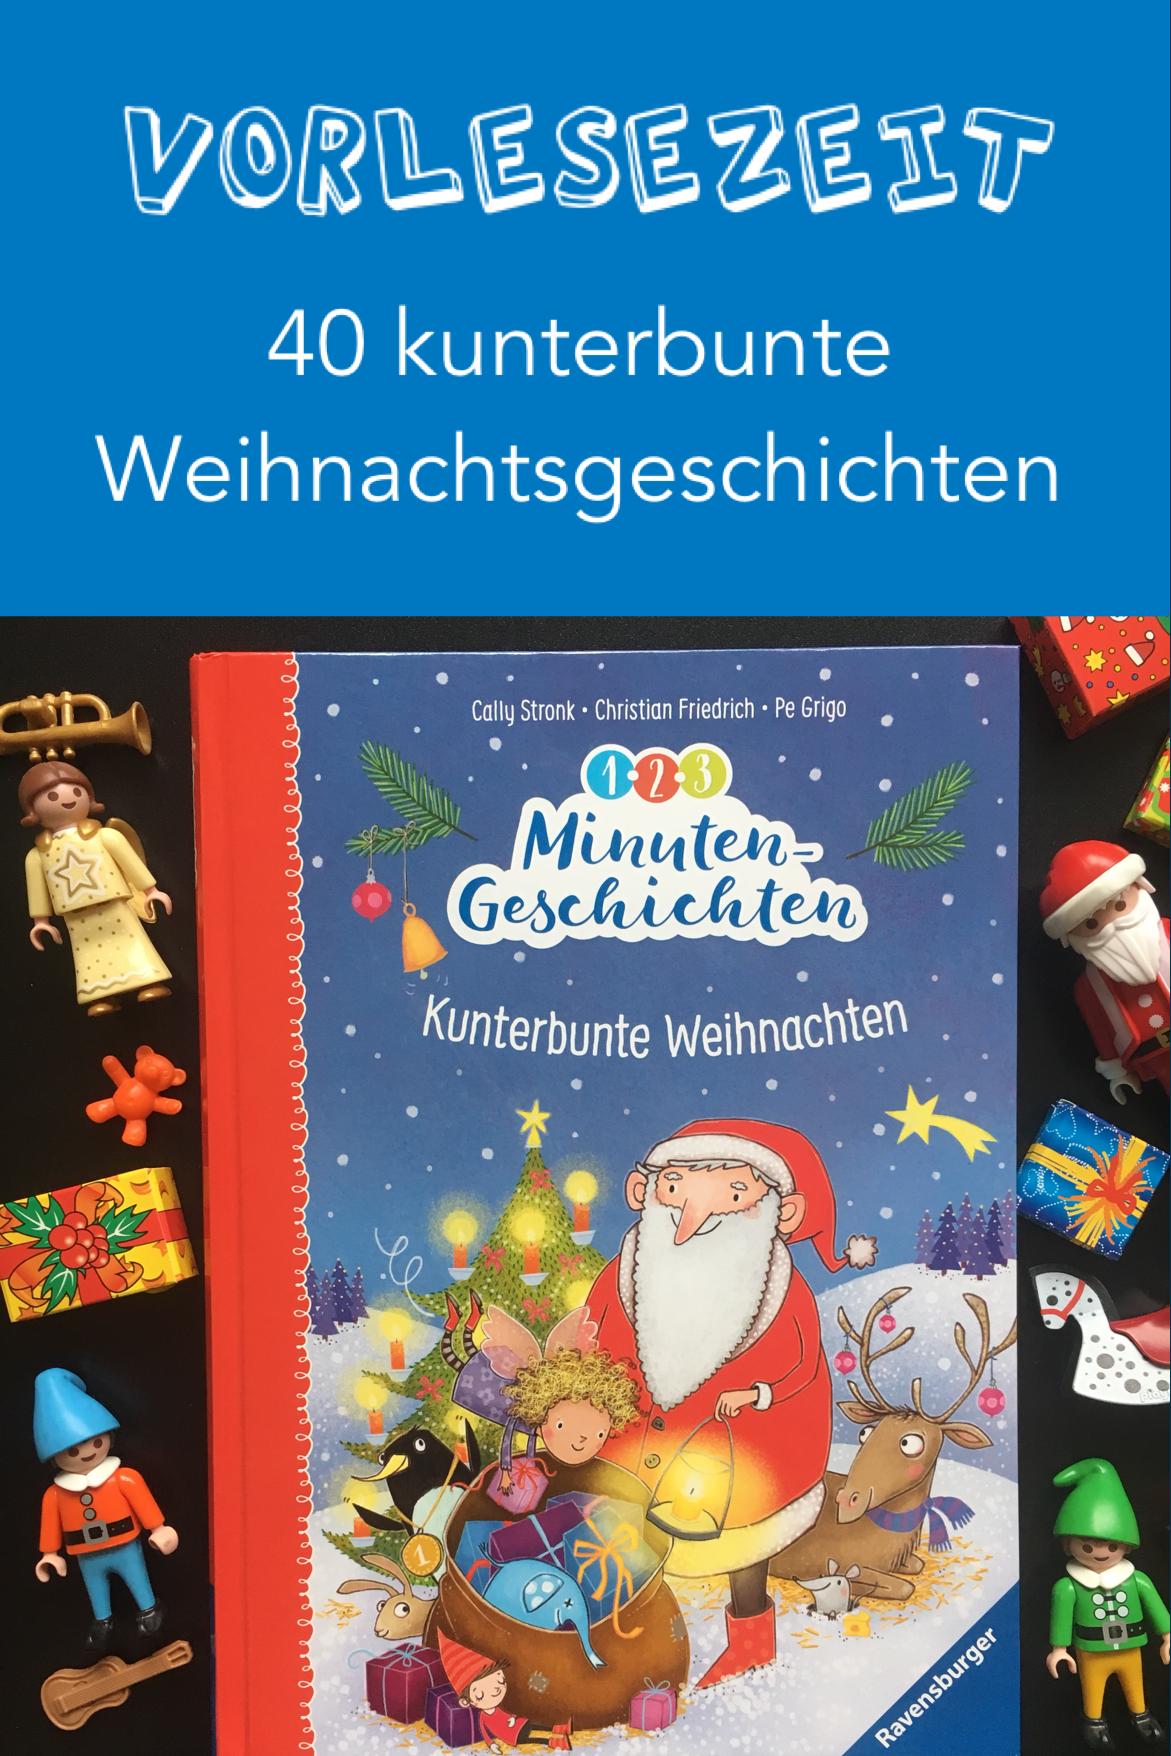 1 2 3 Minutengeschichten Kunterbunte Weihnachten Kinderbucher Weihnachtsbucher Adventskalender Kinder